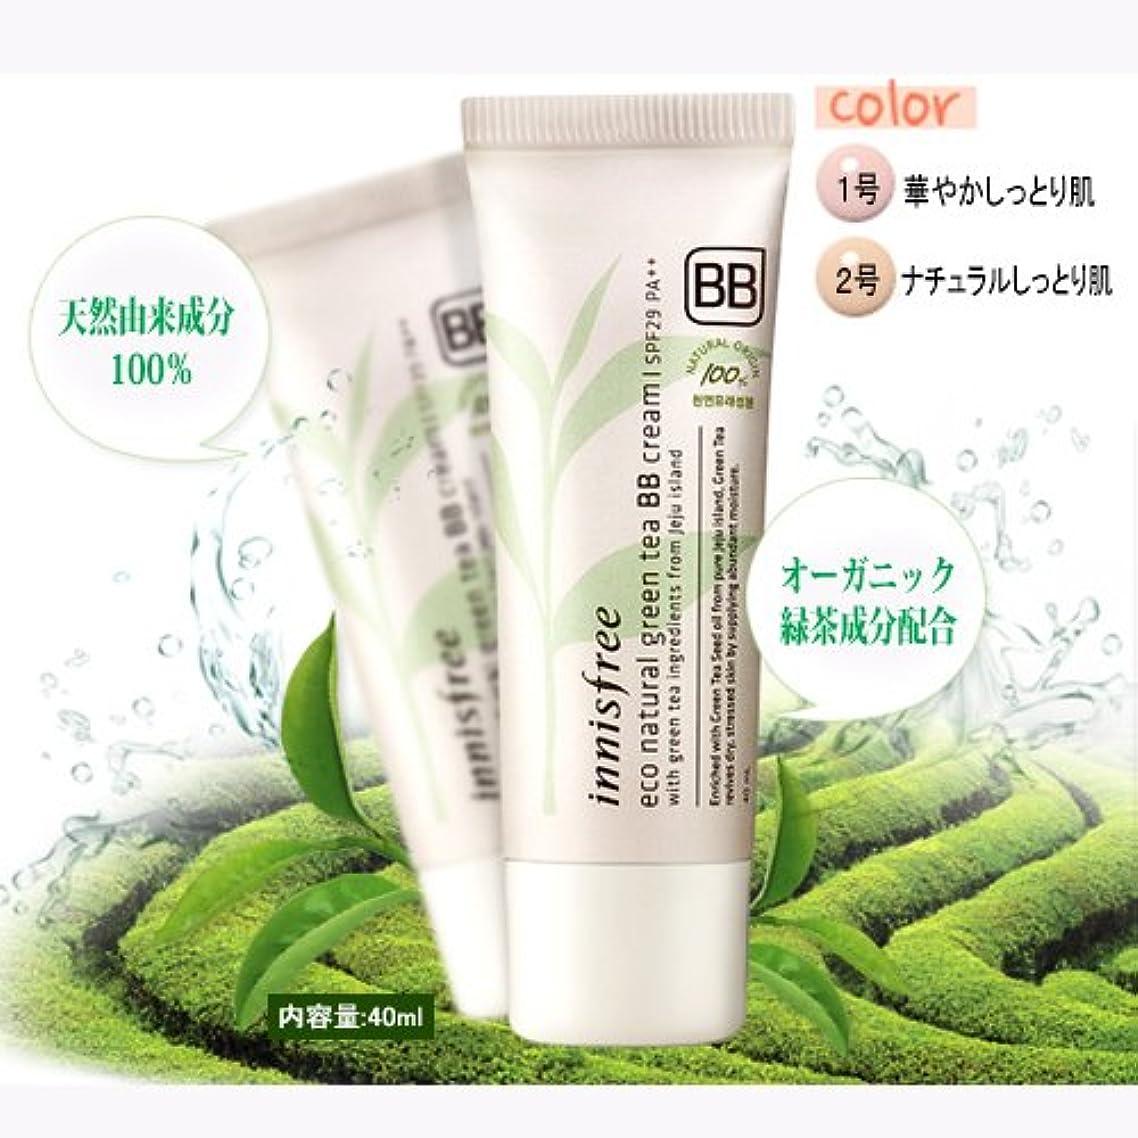 論文博覧会卒業記念アルバムinnisfree/イニスフリー Eco Natural Green Tea BB Cream #02/エコナチュラルグリーンティーBBクリームナチュラルなしっとりお肌 SPF29PA++40ml